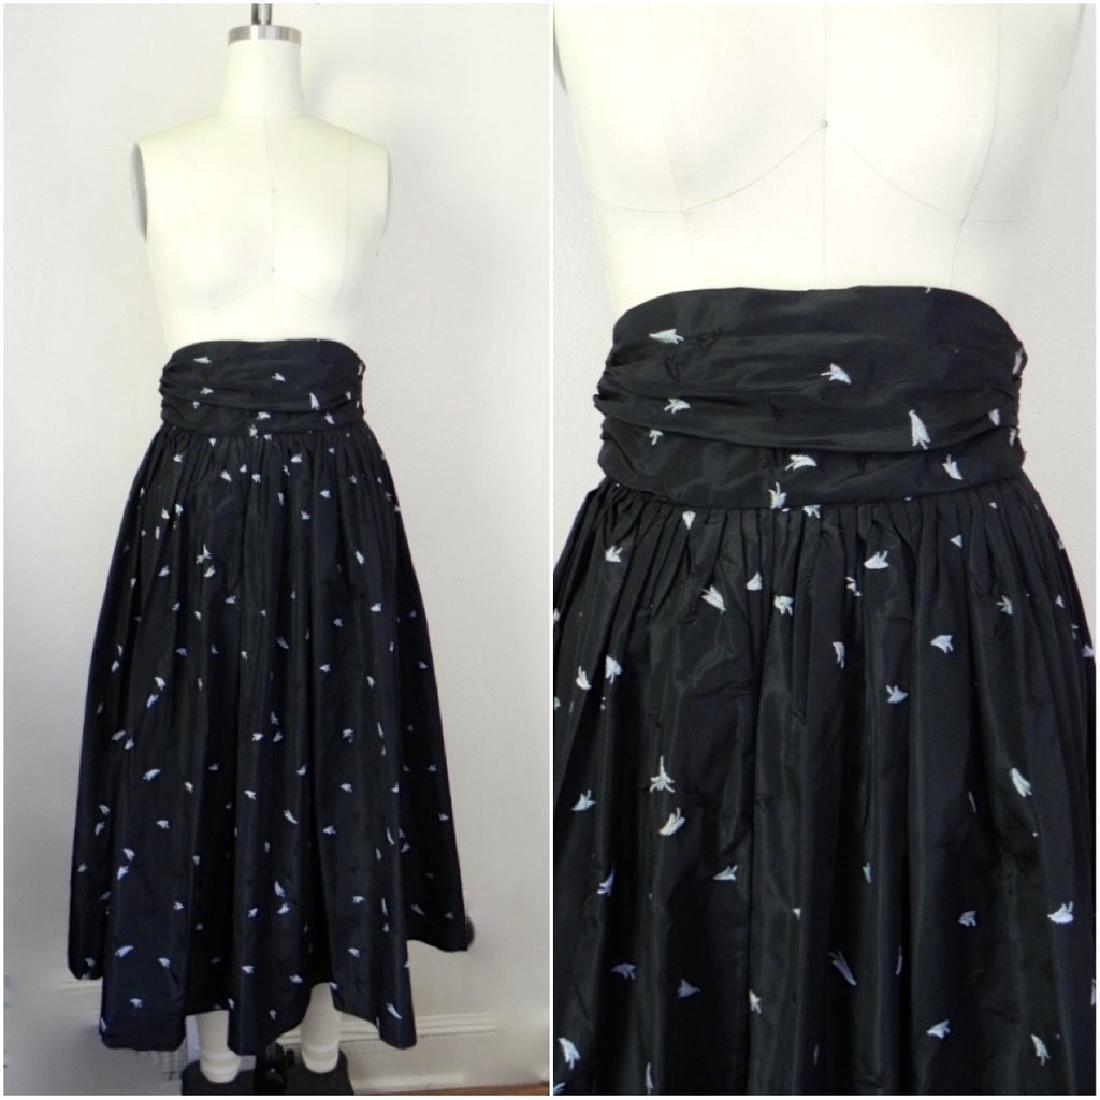 1950s Black Floral Crepe Skirt